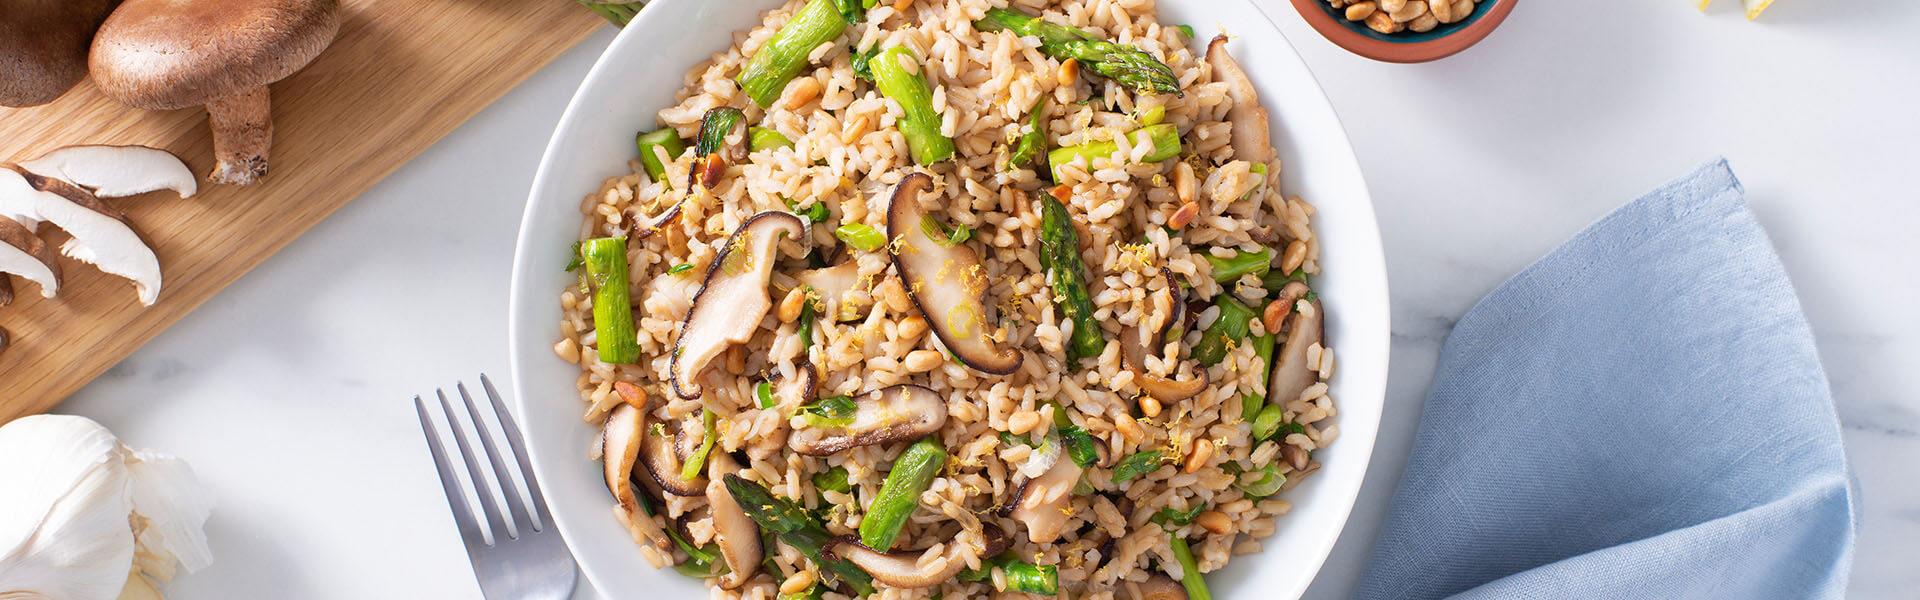 Pilaf de arroz integral y hongos shiitake